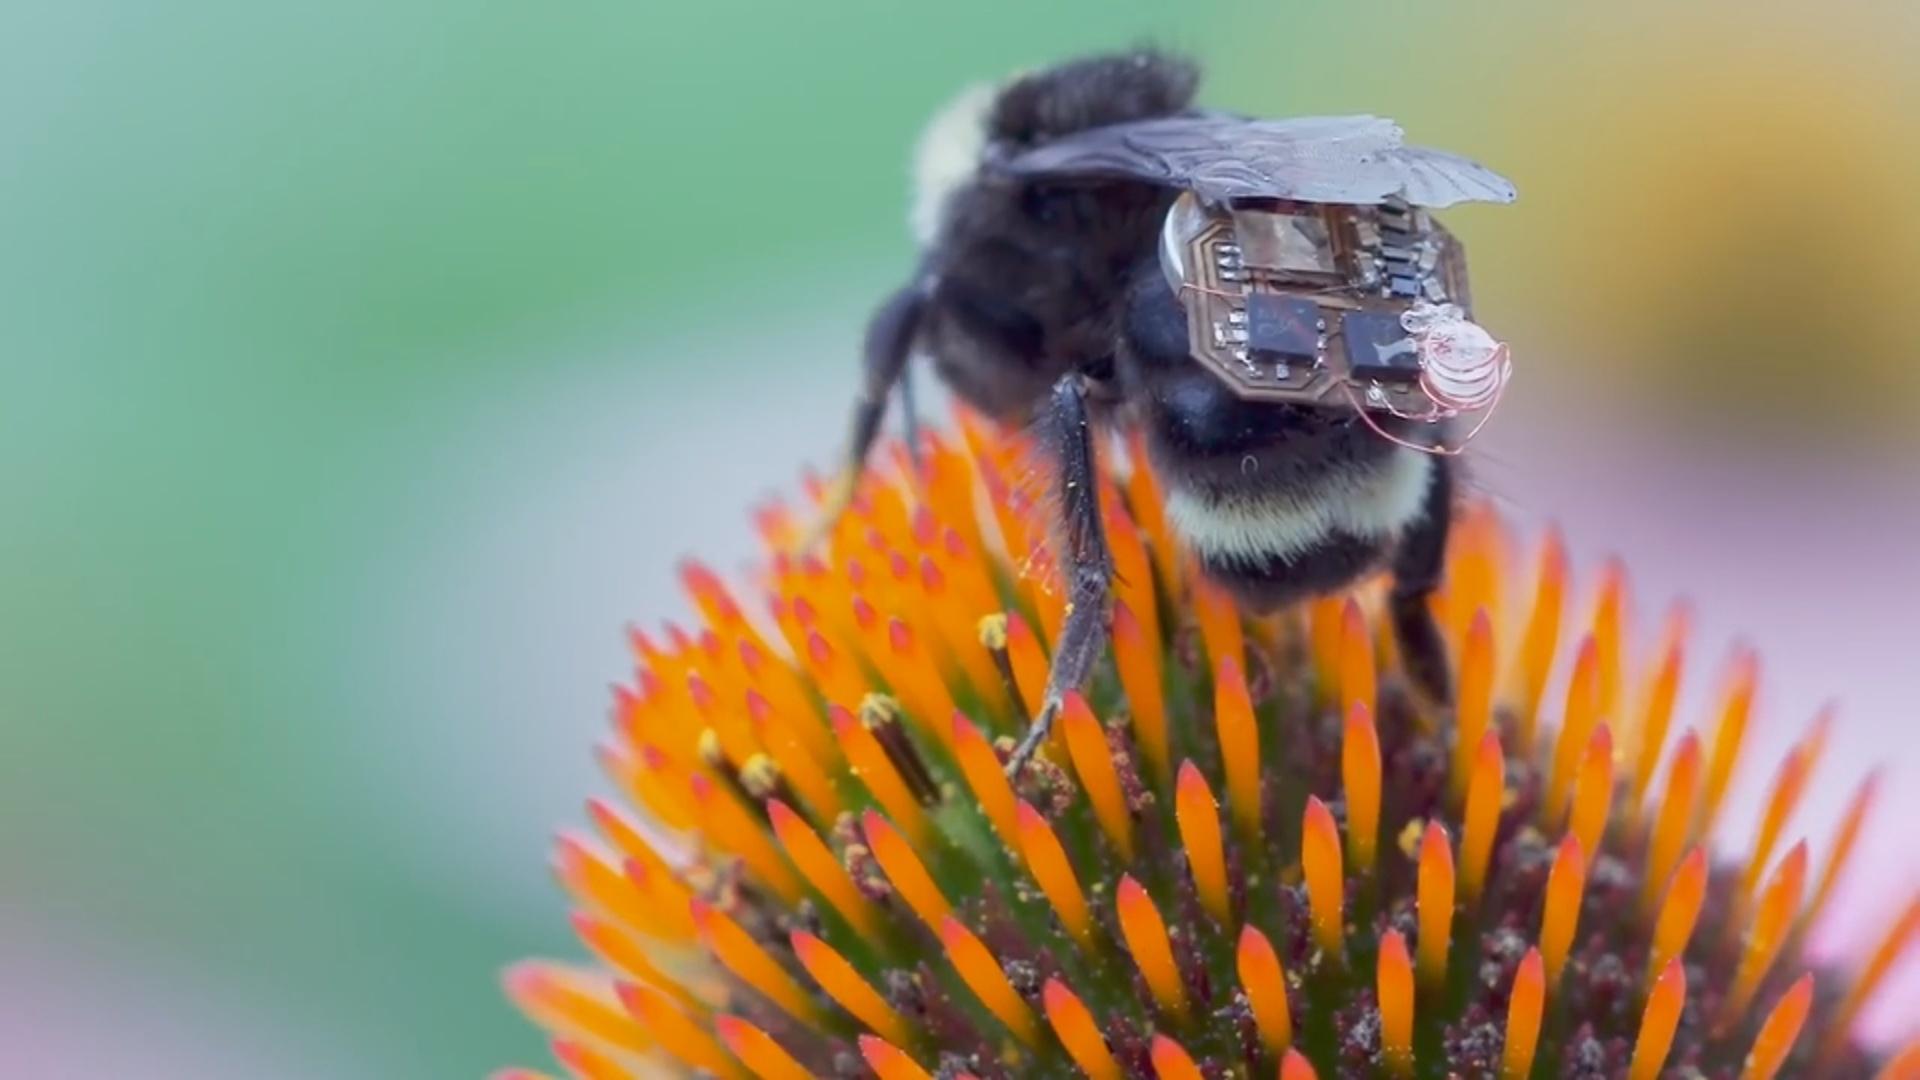 Alimlər arıları kiçik dronlara çeviriblər